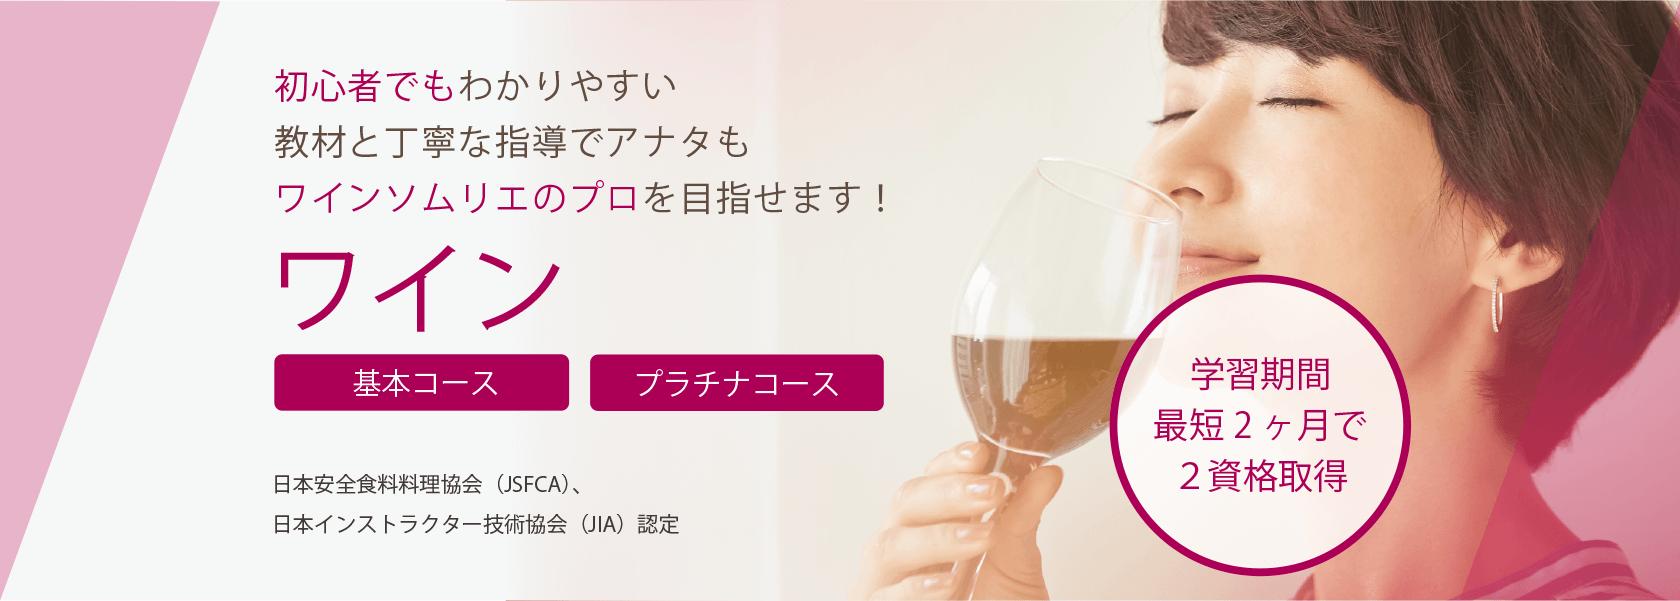 ワイン資格取得の通信教育講座